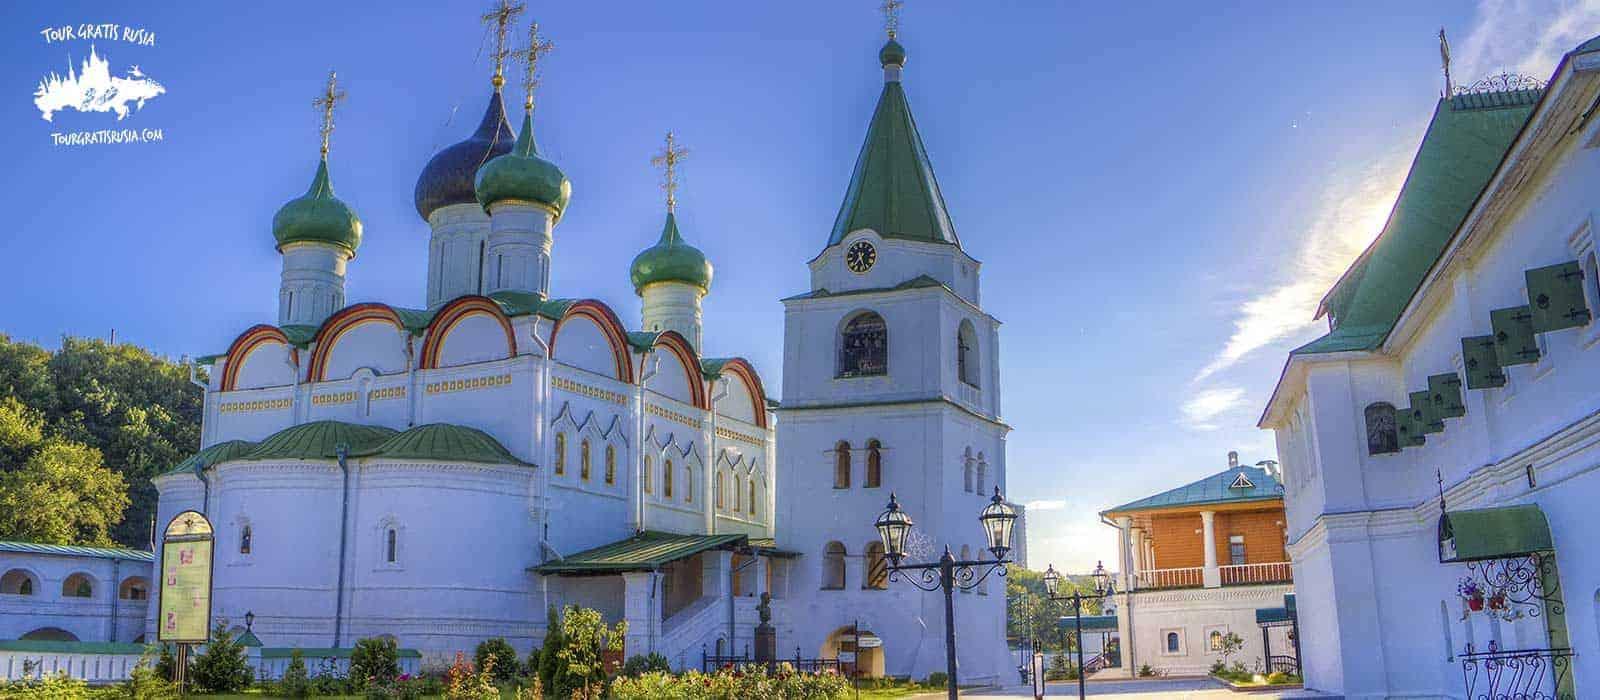 Tour Zona Este Nizhni Novgorod: Barrio de los zares y época soviética